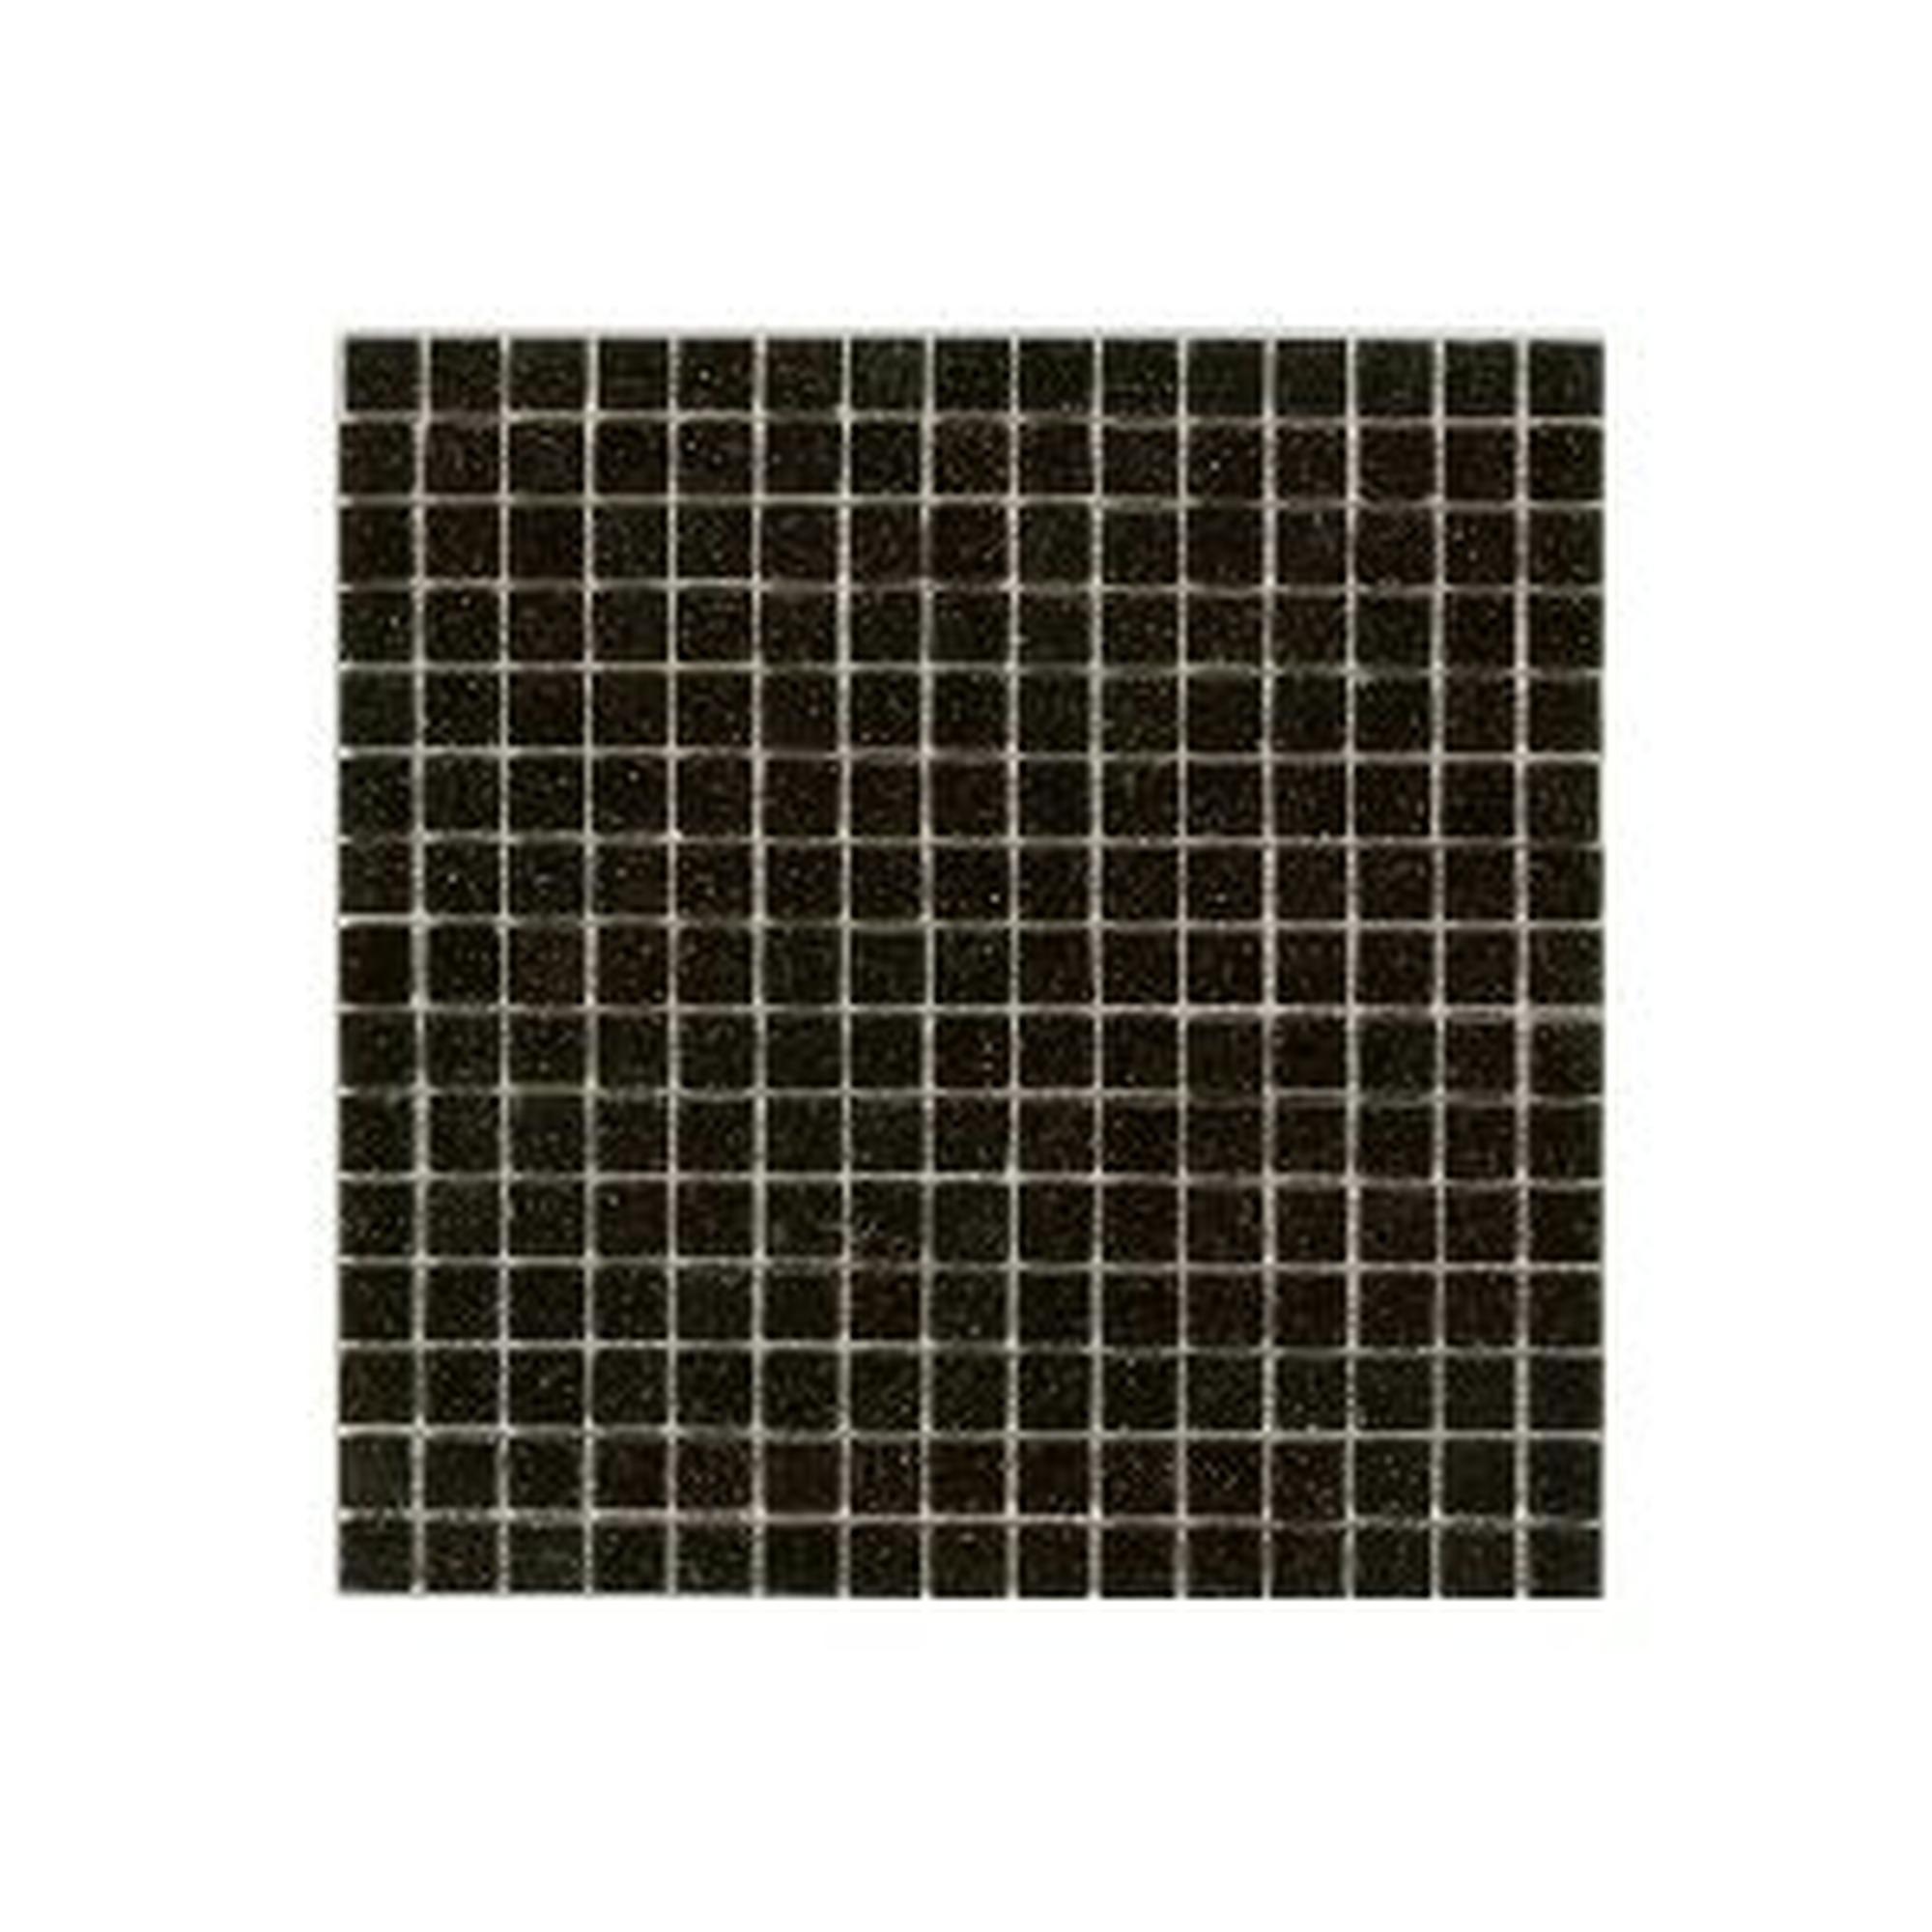 Carrelage mural mosaique verre noir 2x2cm 1 07m for Carrelage mural noir